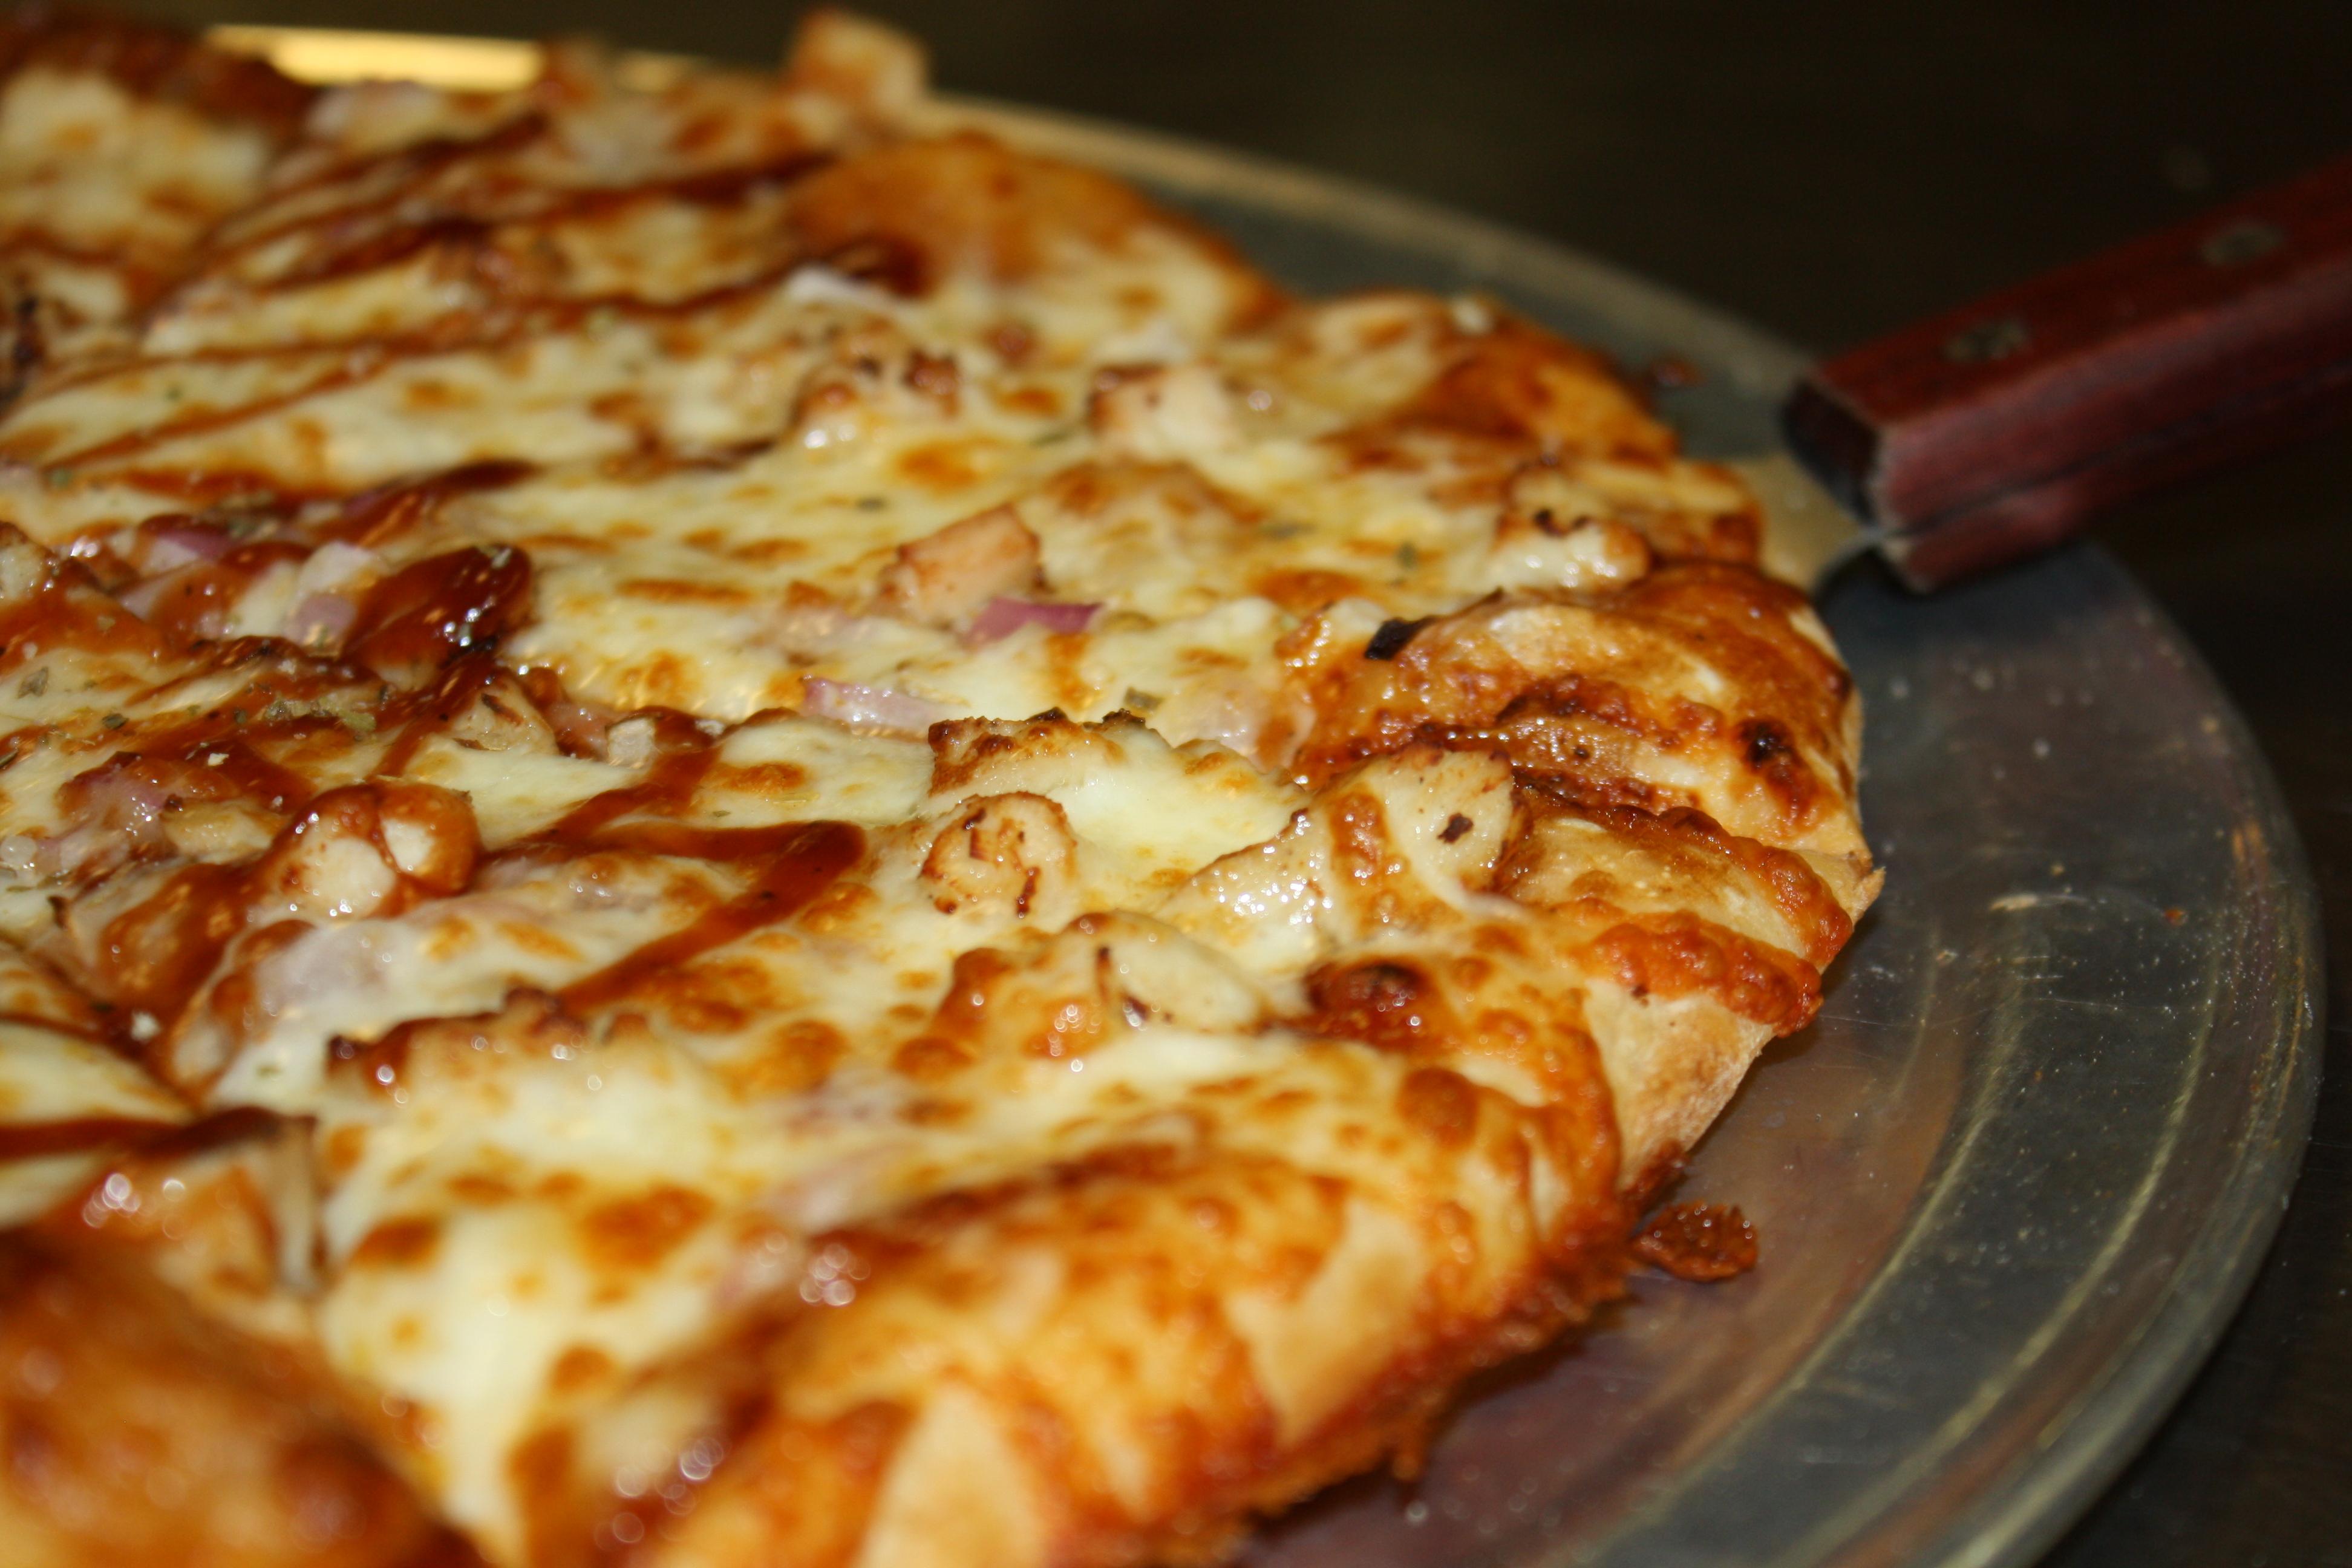 So Pizzas